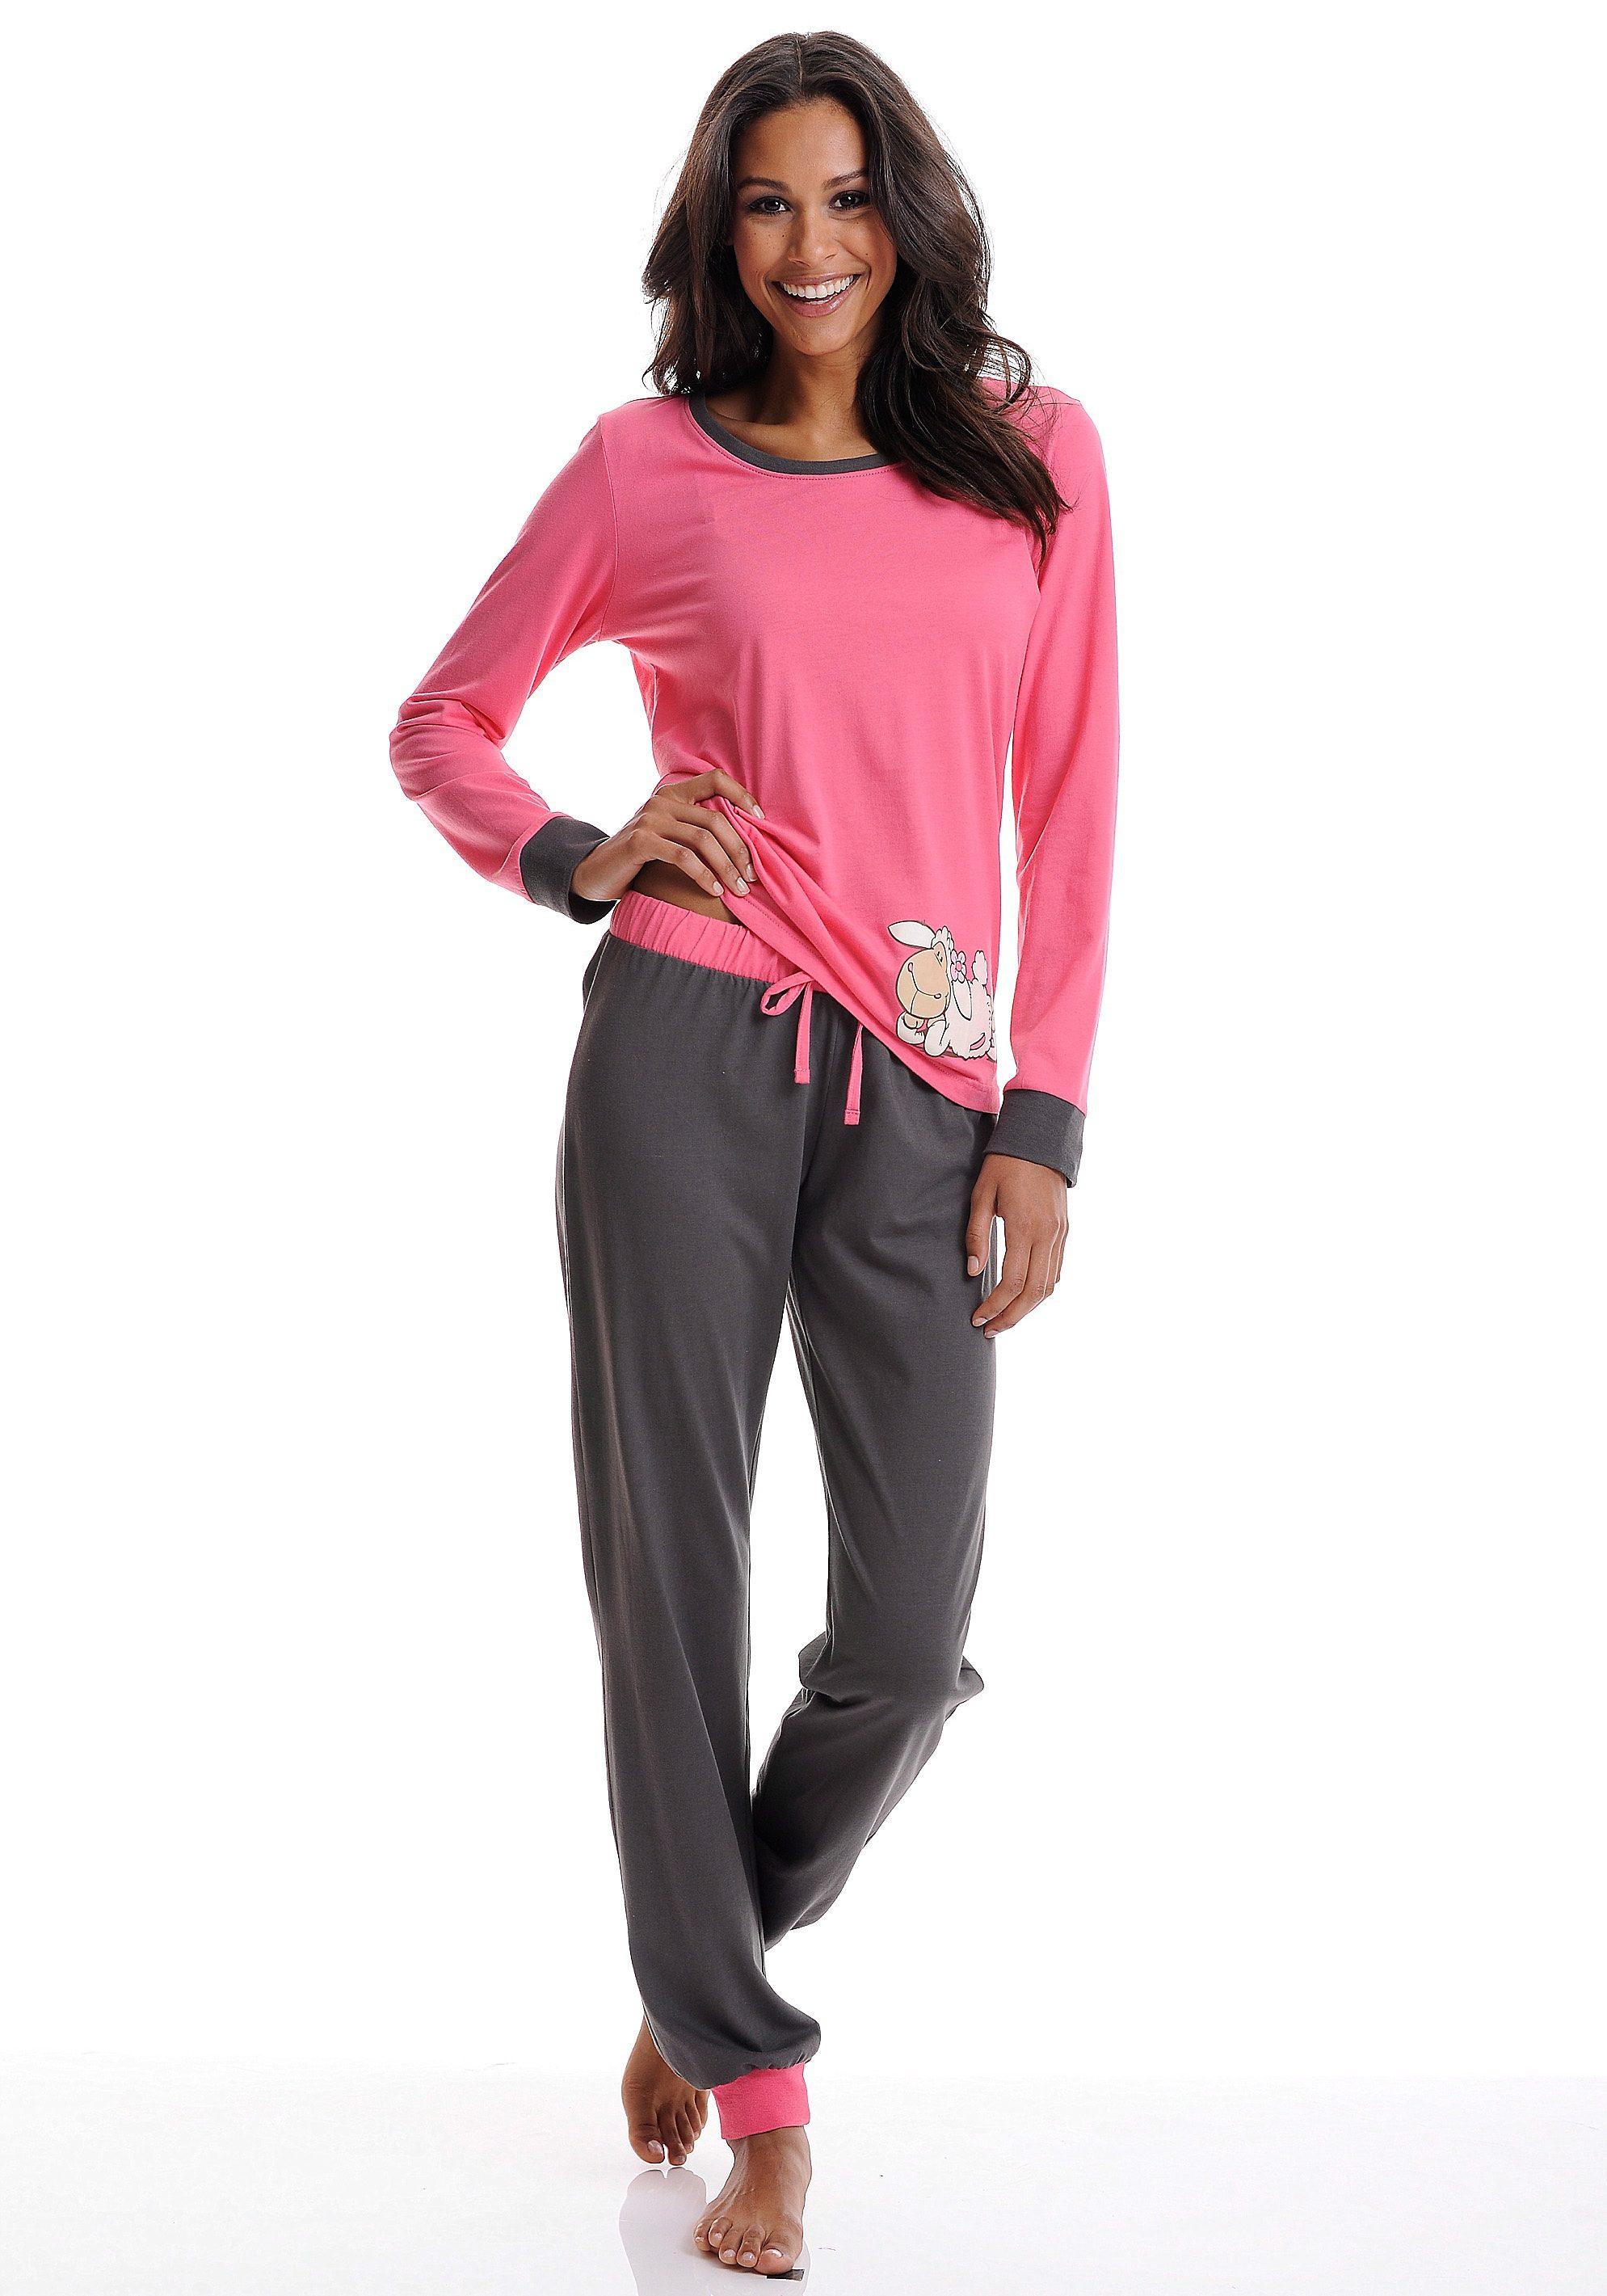 Trendy Pyjama NICI in Pink-Anthrazit mit süssem Schäfchen-Print